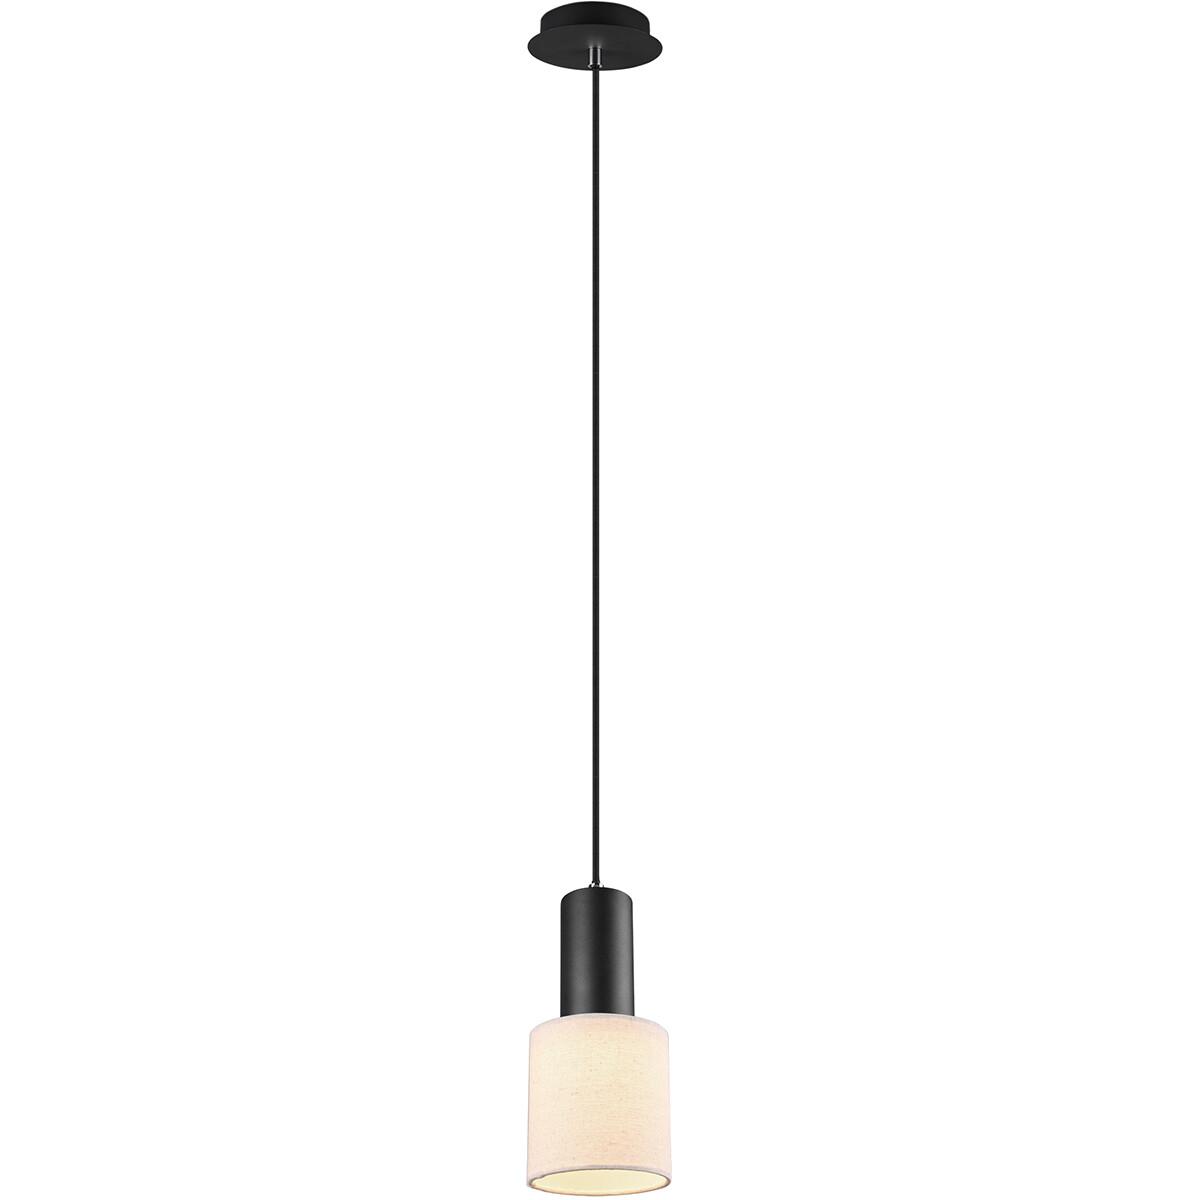 LED Hanglamp - Trion Waler - GU10 Fitting - 1-lichts - Rond - Mat Zwart - Aluminium